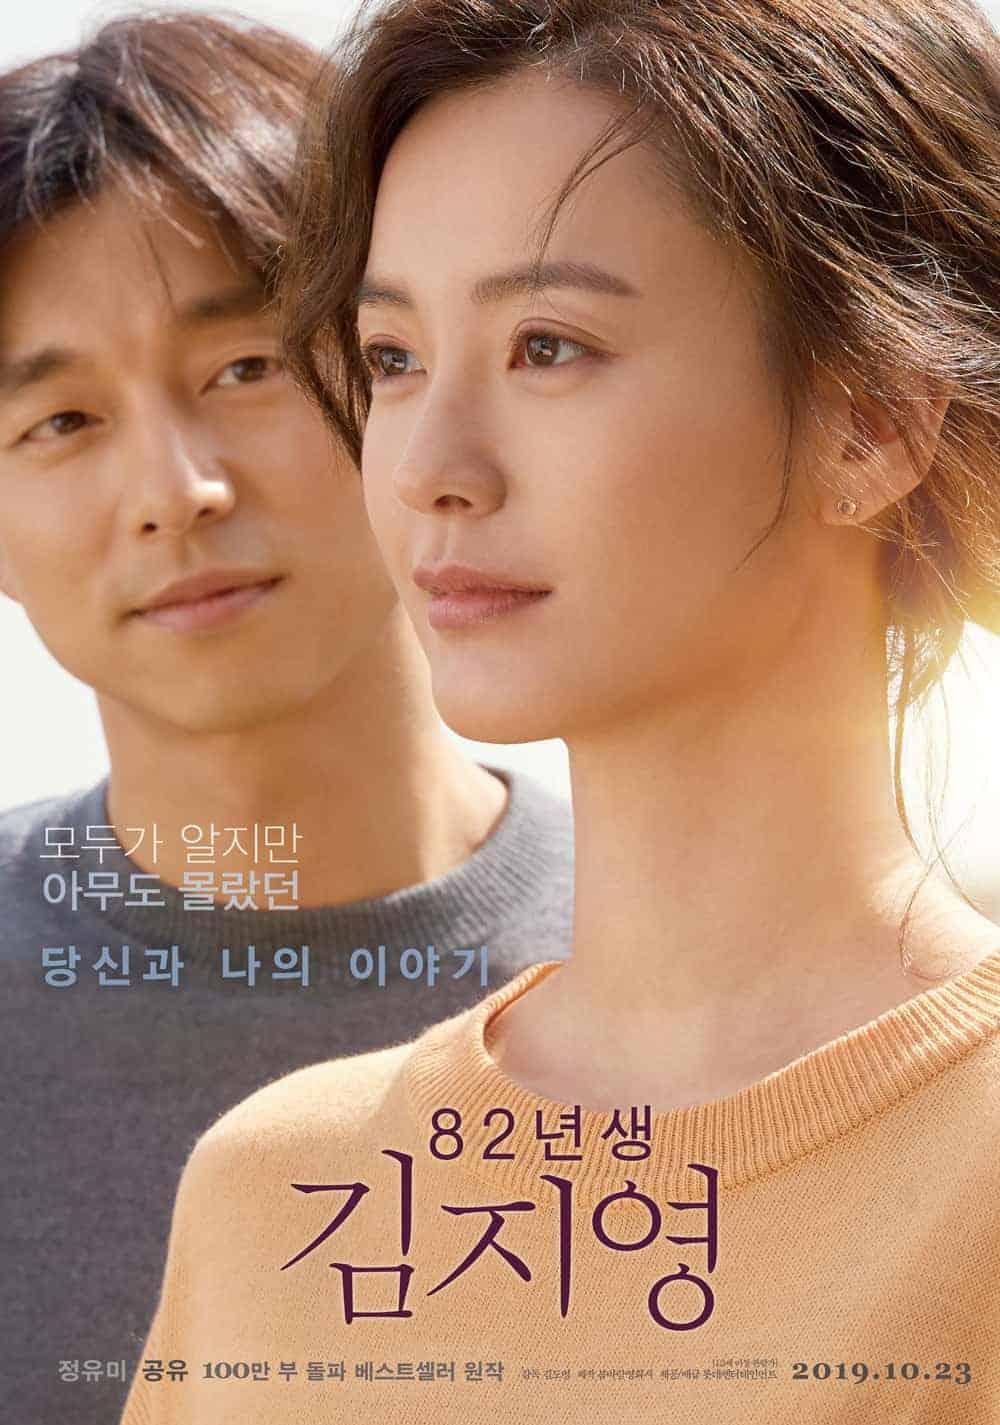 영화 82년생 김지영 포스터 © 갓잇코리아